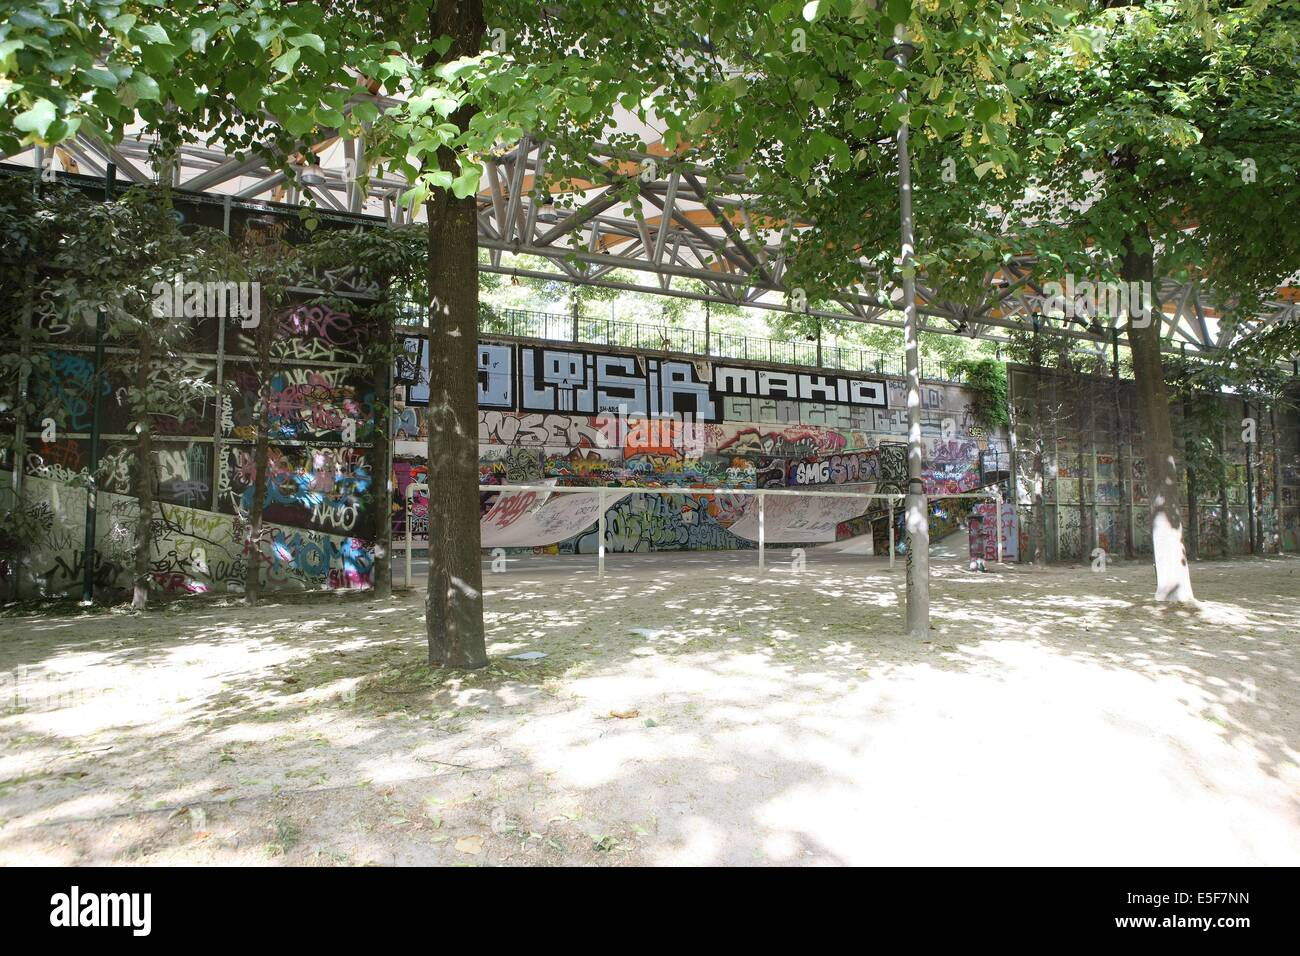 France, ile de france, paris, 12e arrondissement, bercy, parc de bercy, skate parc  Date : 2011-2012 - Stock Image